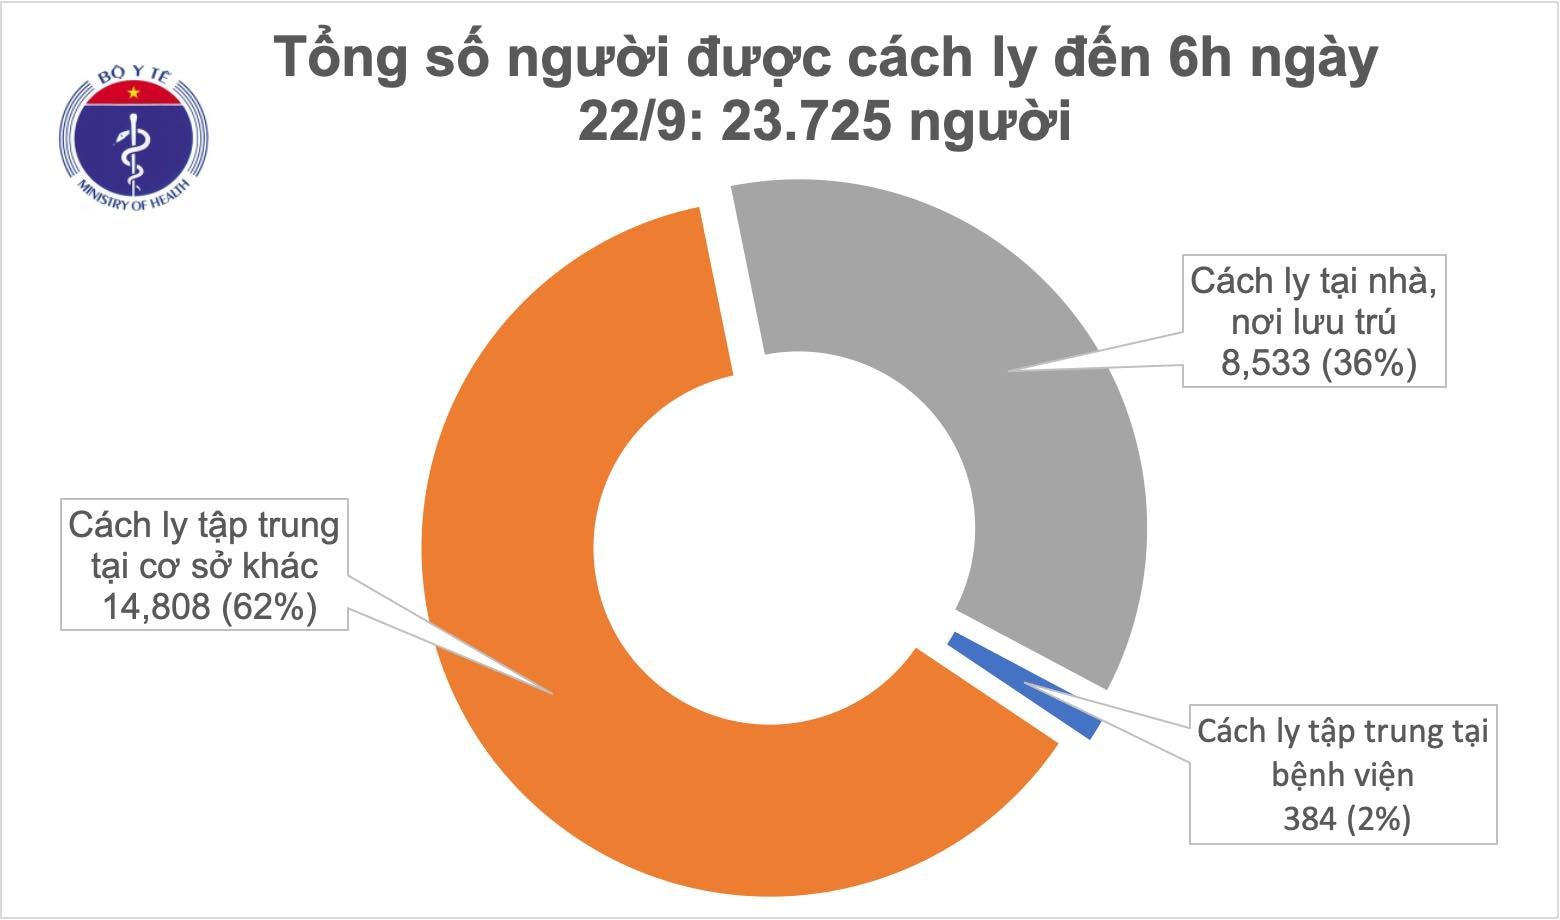 Gần 24 000 người đang cách ly chống dịch COVID-19